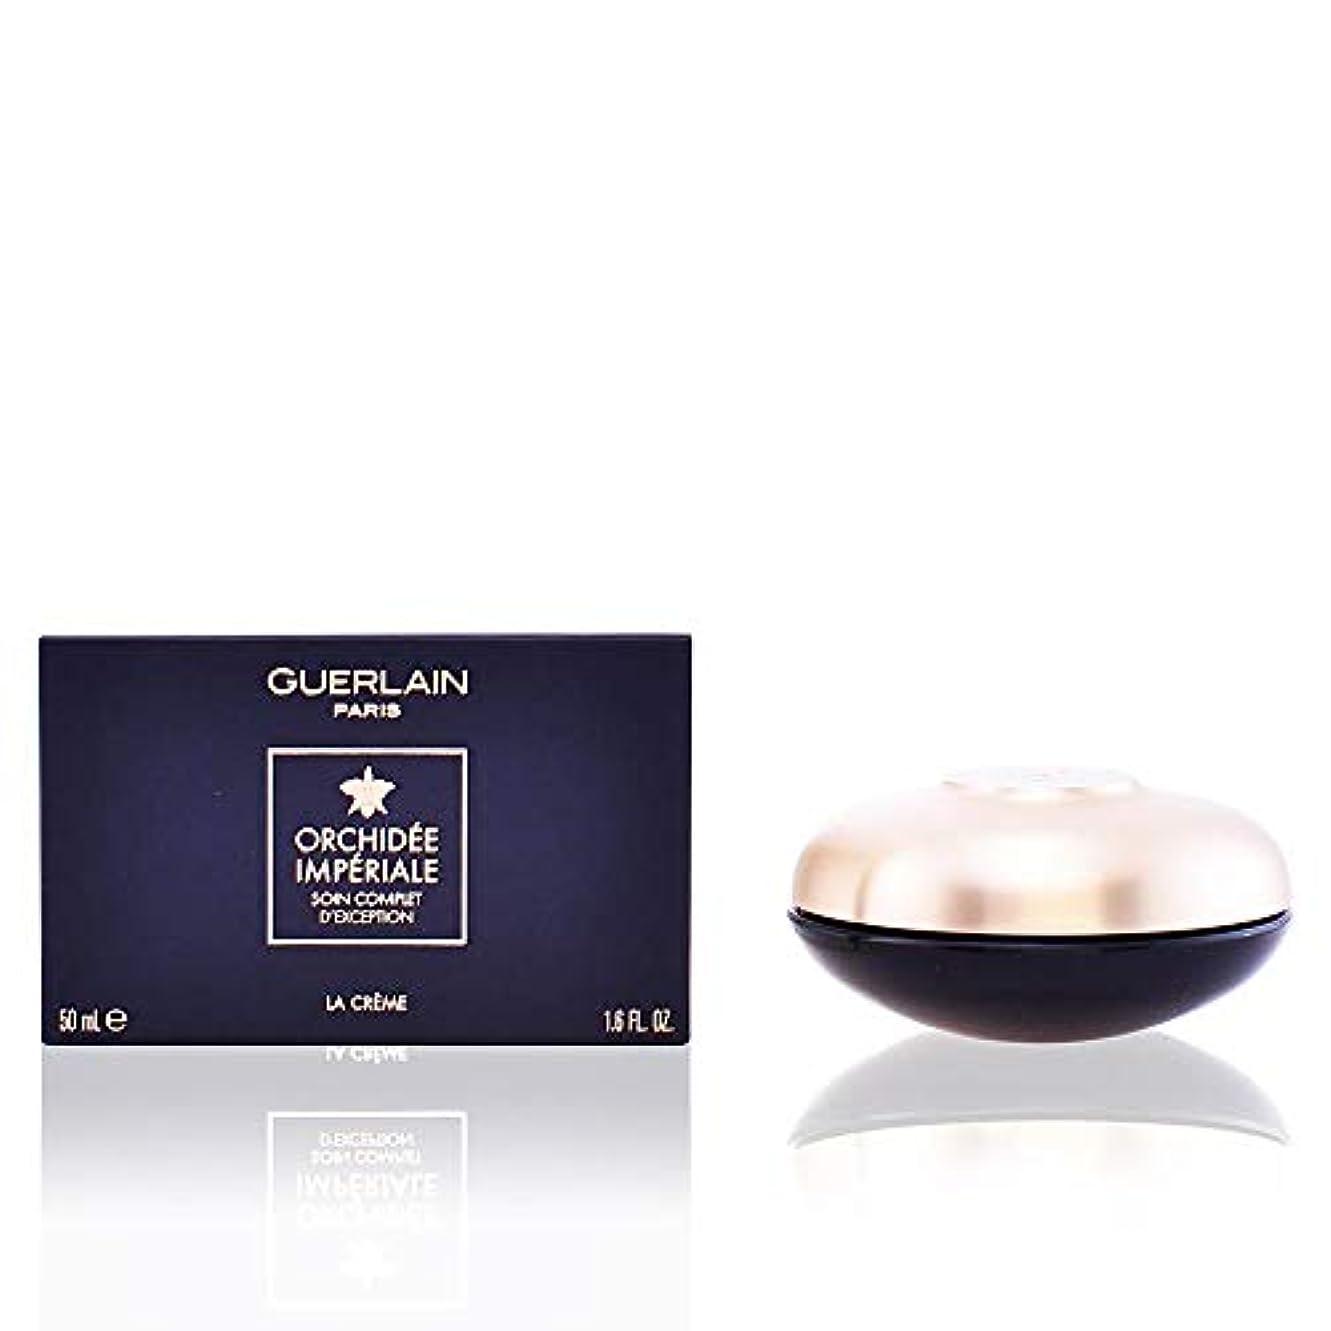 まろやかなピュークスコゲラン オーキデアンペリアルザクリーム 50ml/1.6oz